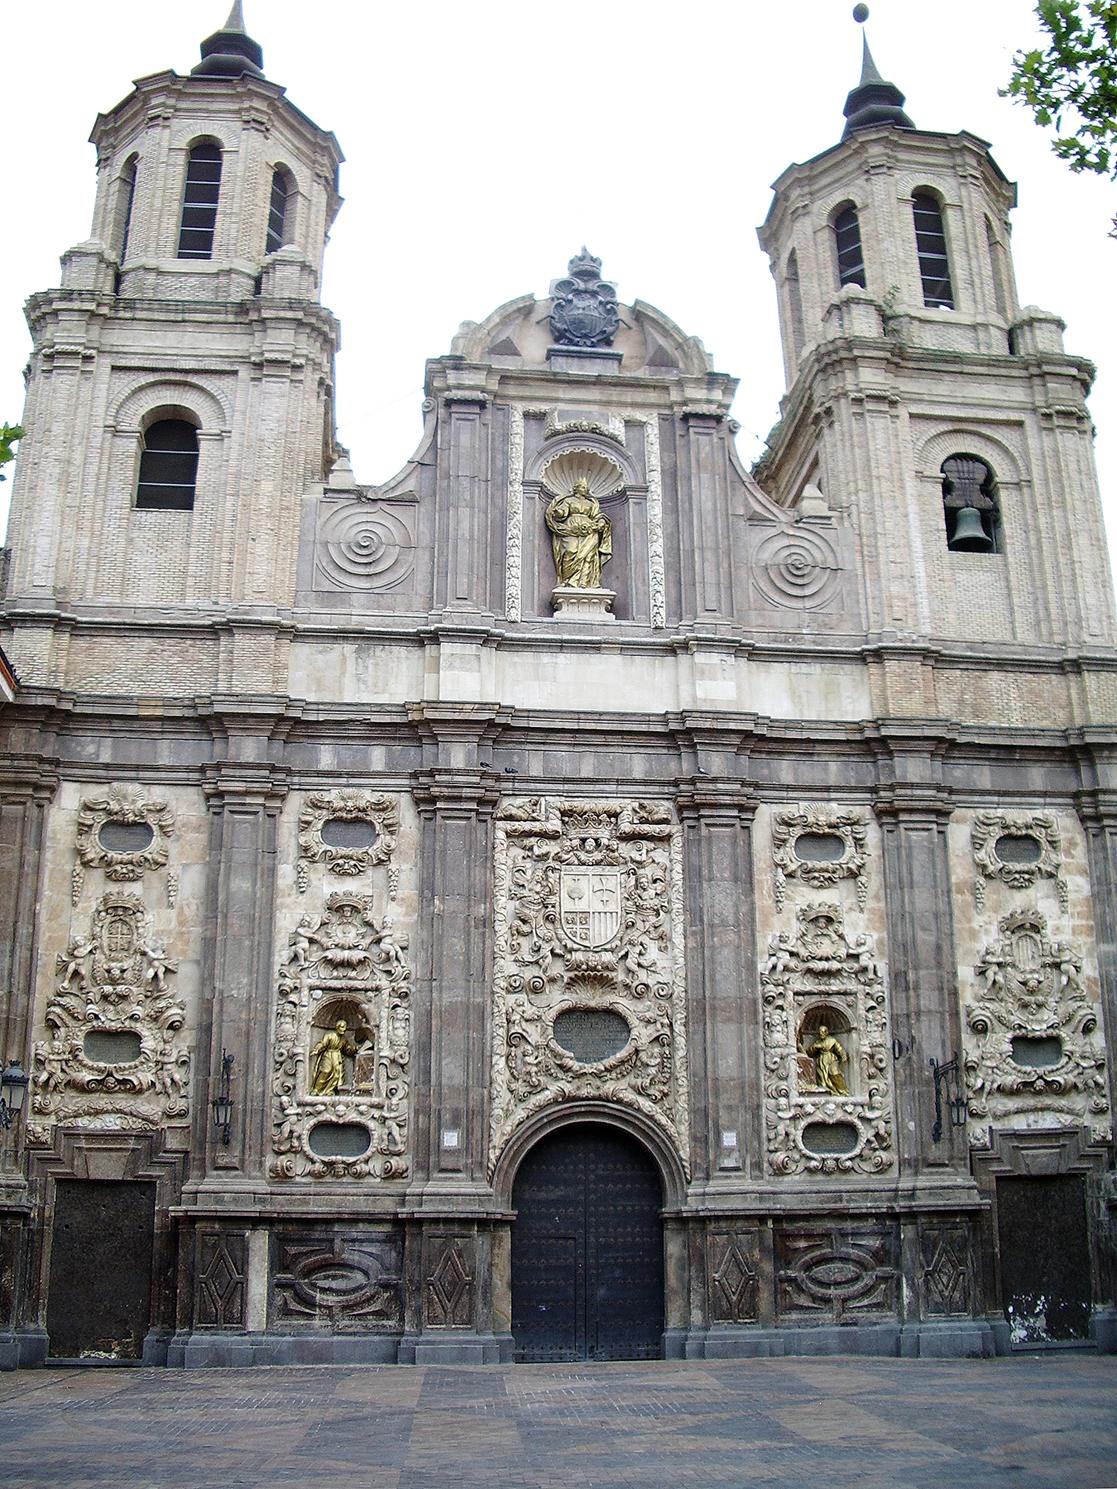 Matrimonio Catolico Zaragoza : Iglesia de santa isabel portugal zaragoza wikipedia